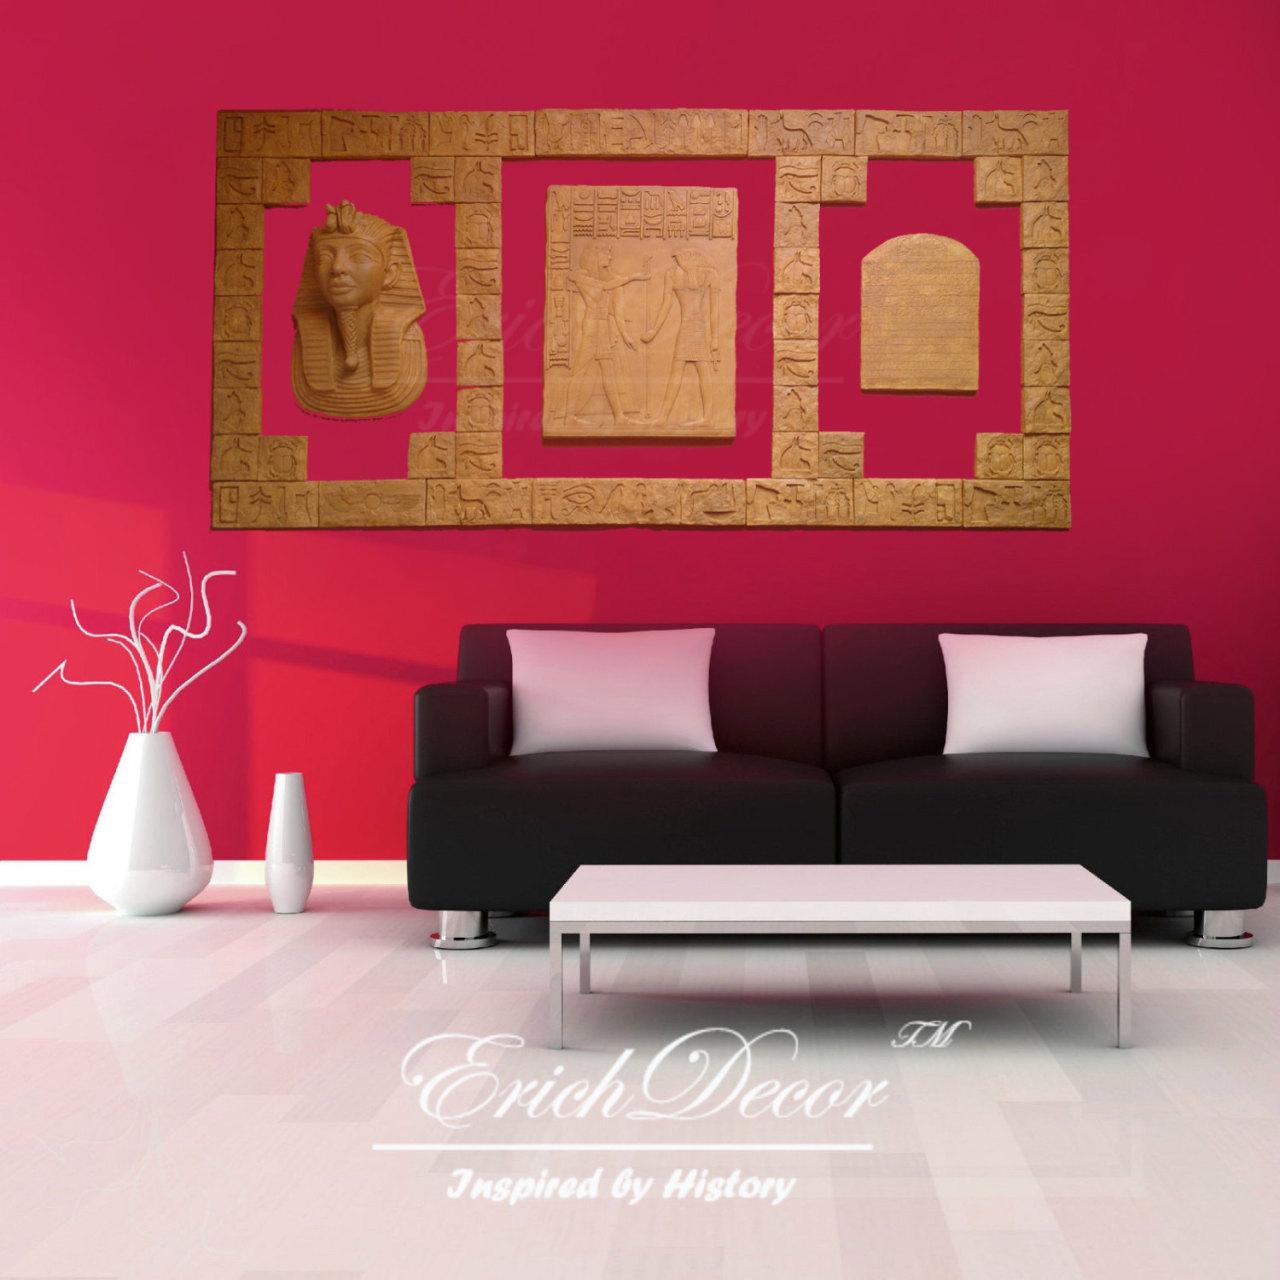 Erichdecor Interior Design